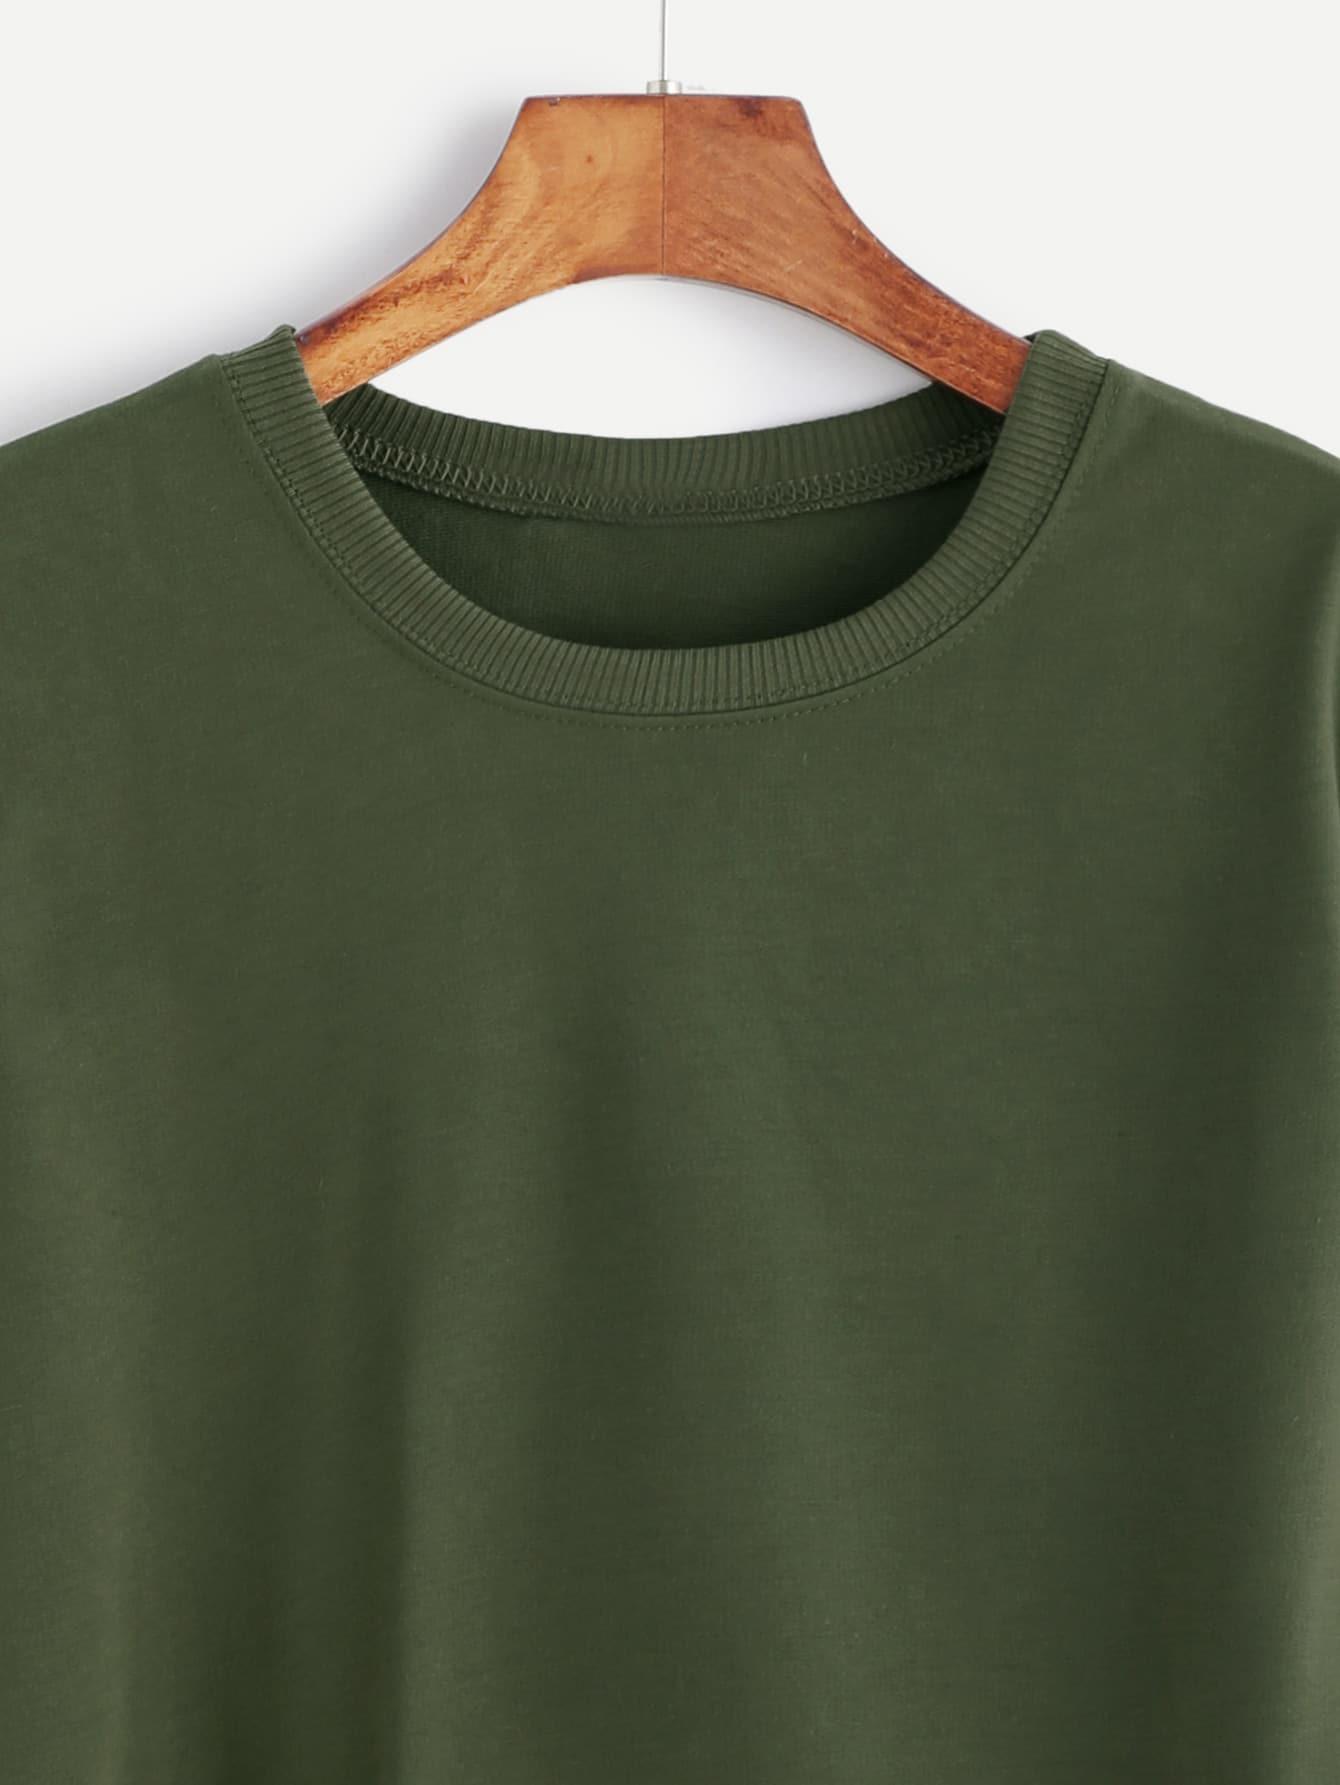 sweatshirt161107108_2